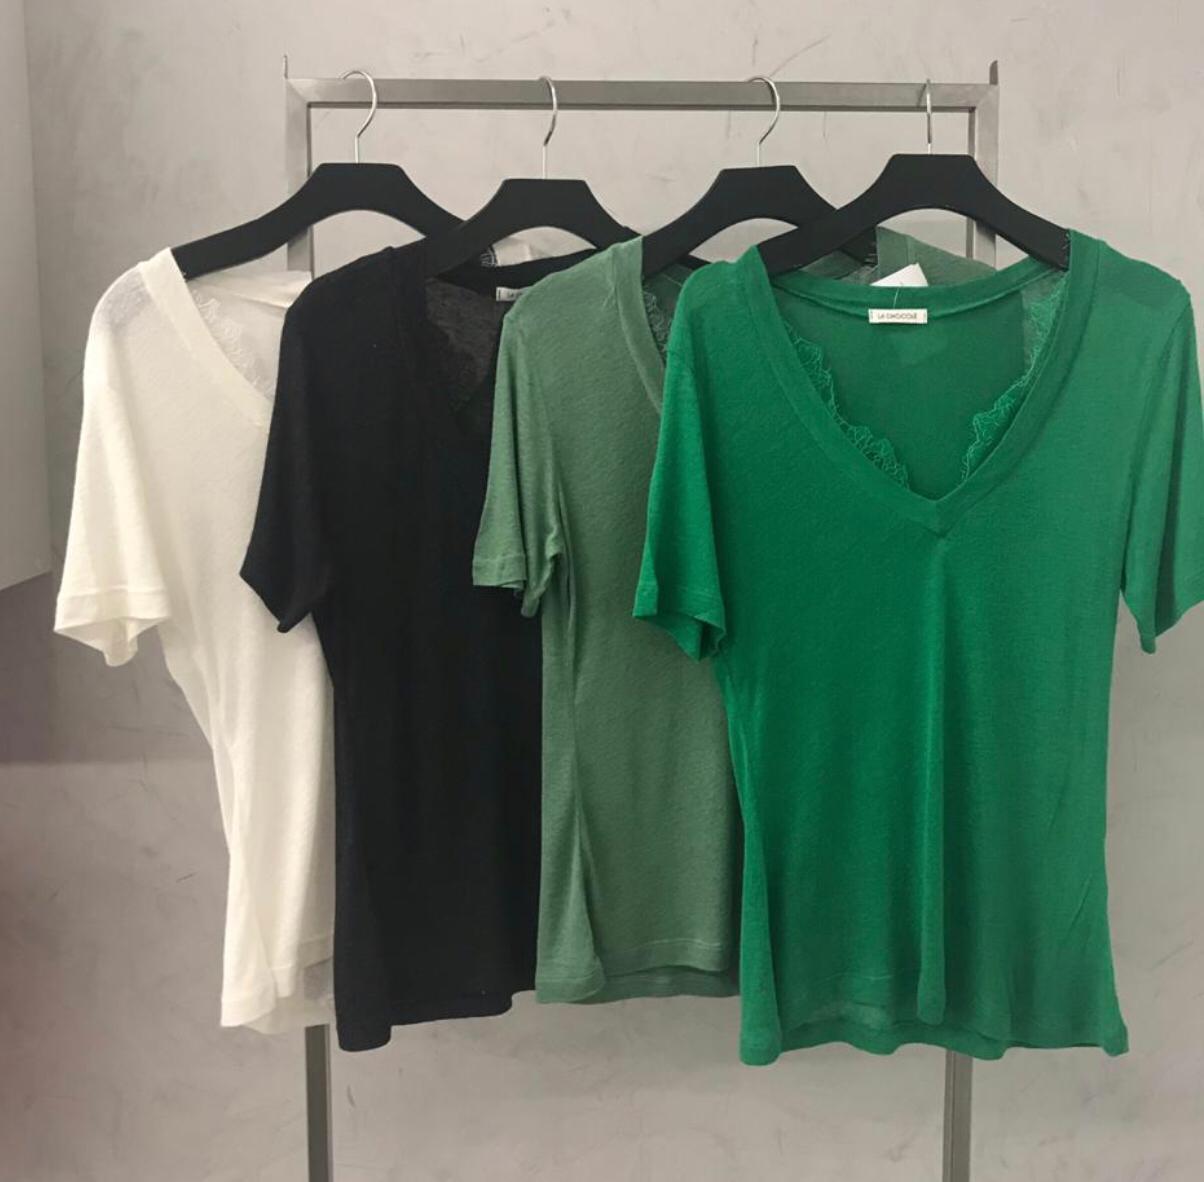 T-shirt Podrinho la Chocole  Detalhe em Renda  Cores Off, Preta, Verde e Militar